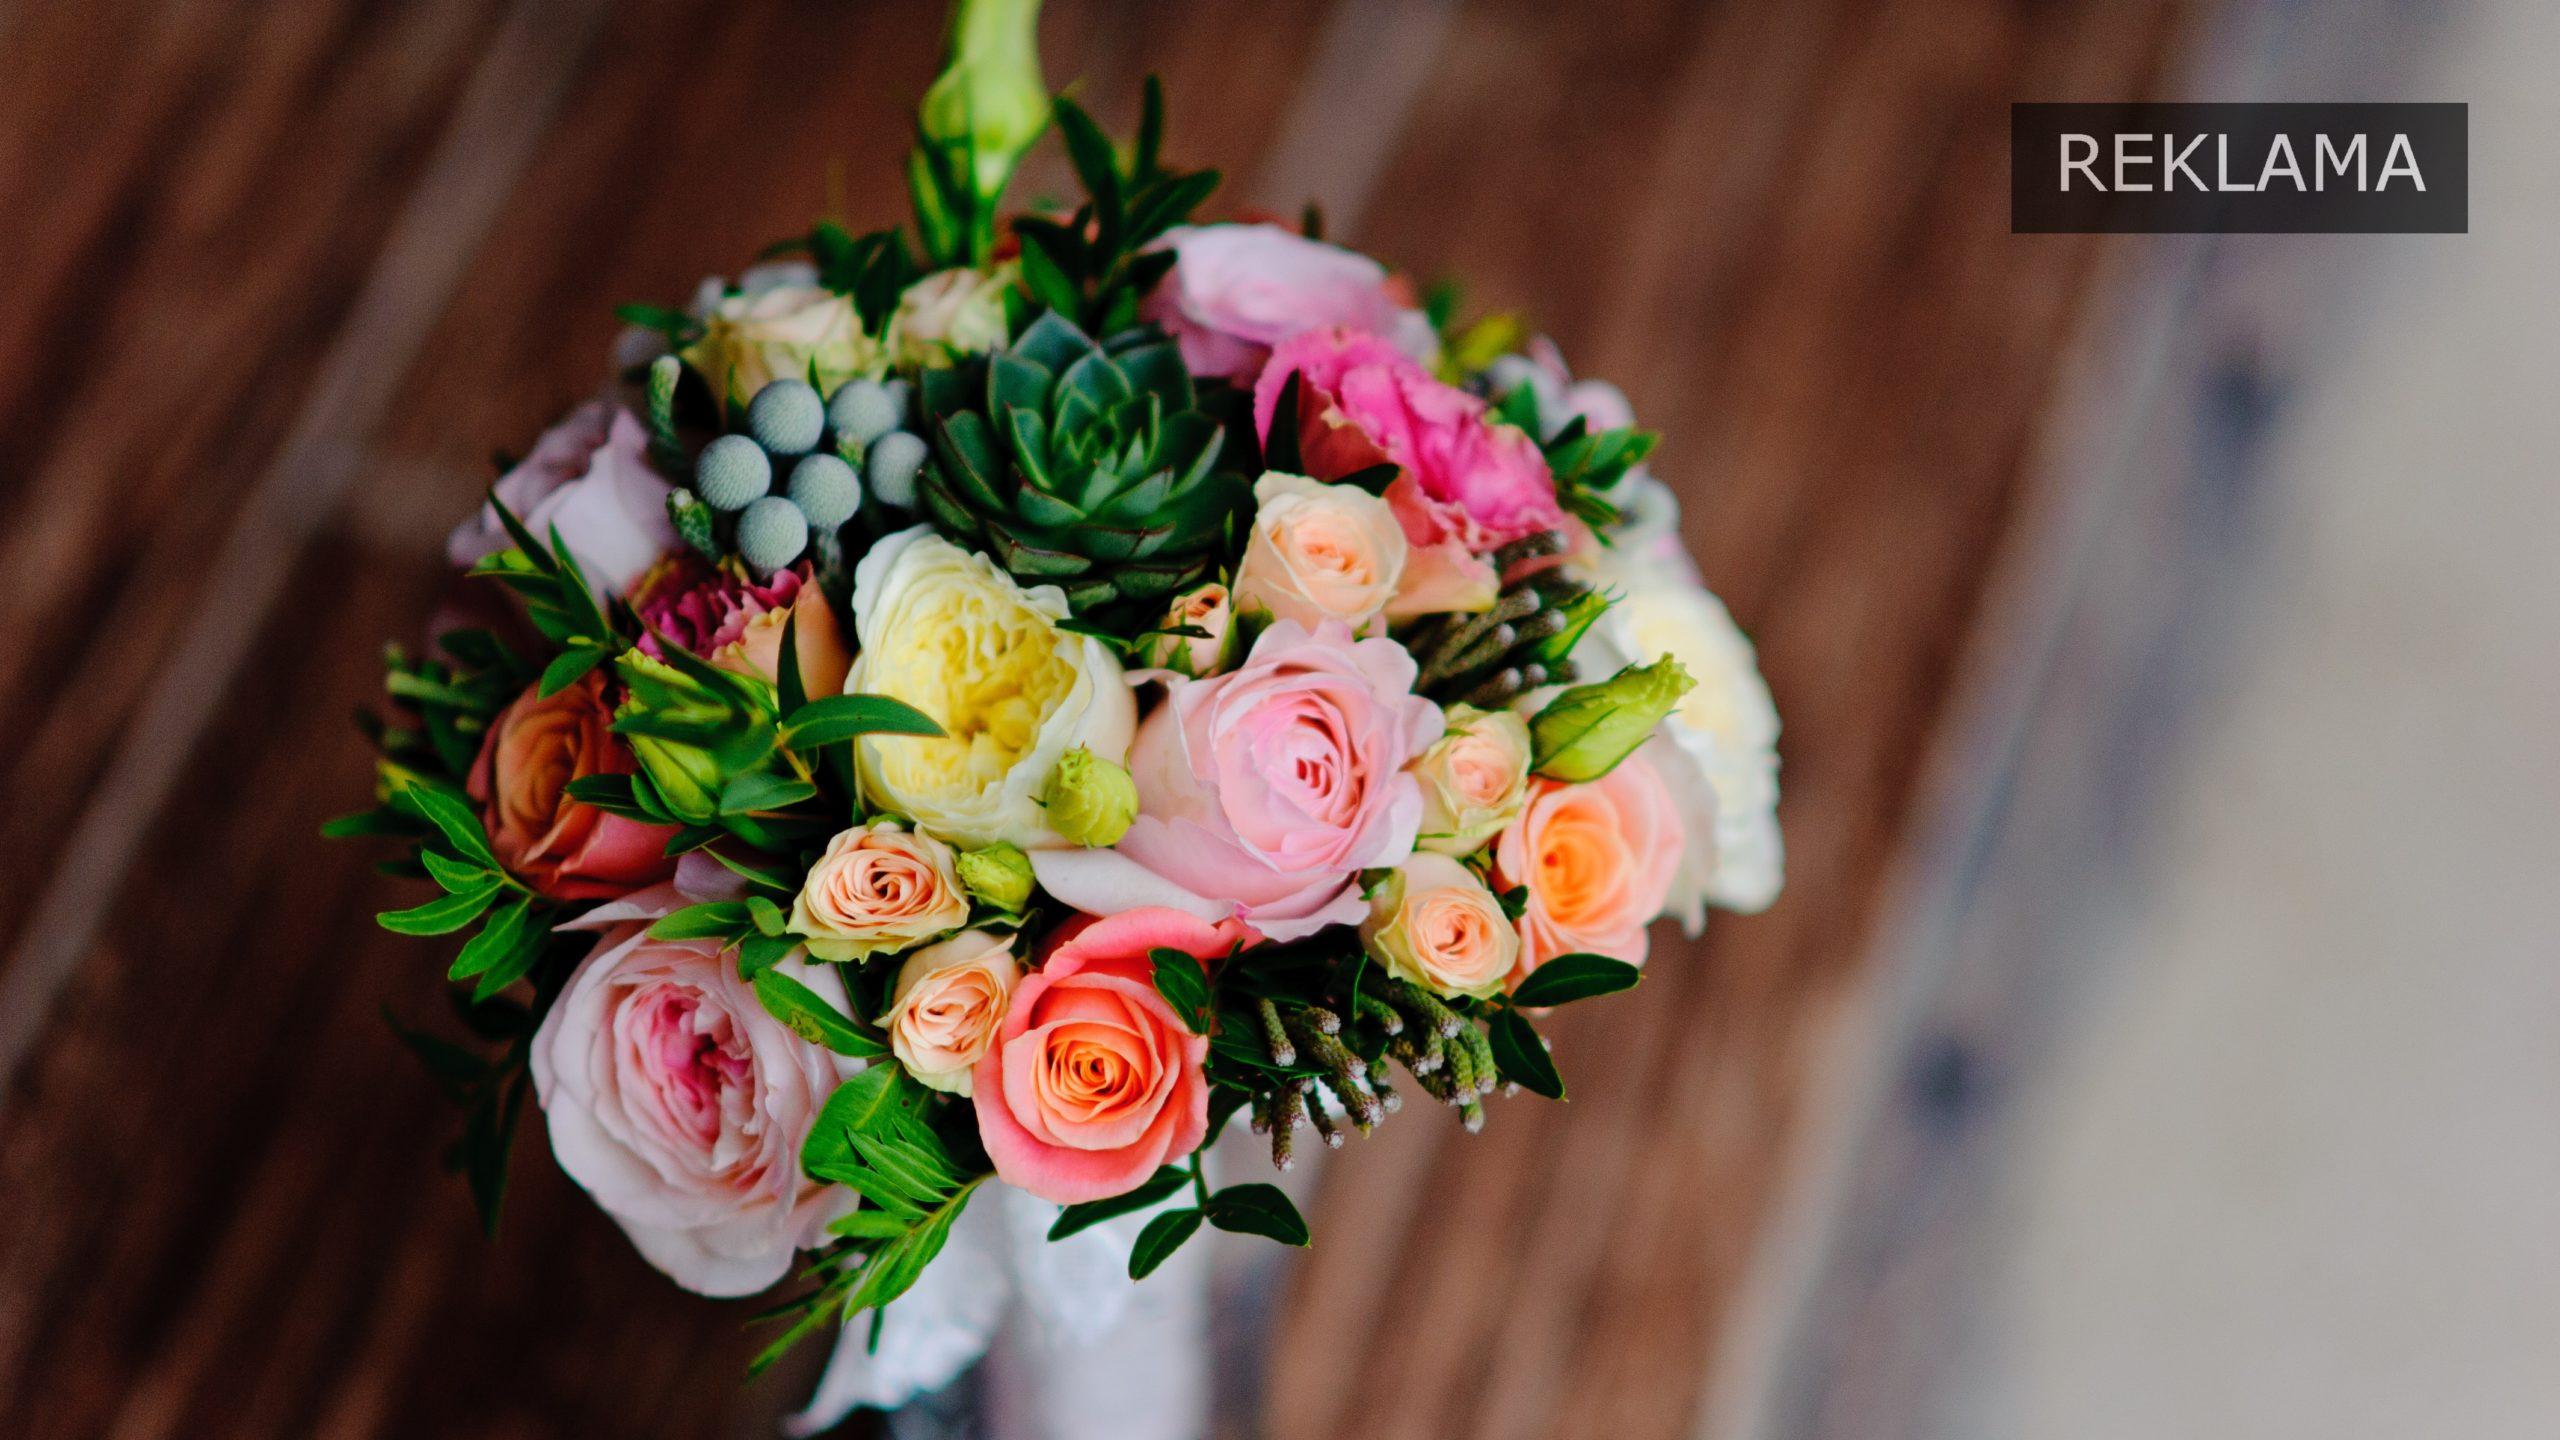 Jakie Kwiaty Wybrac Stworz Idealny Bukiet Walentynkowy